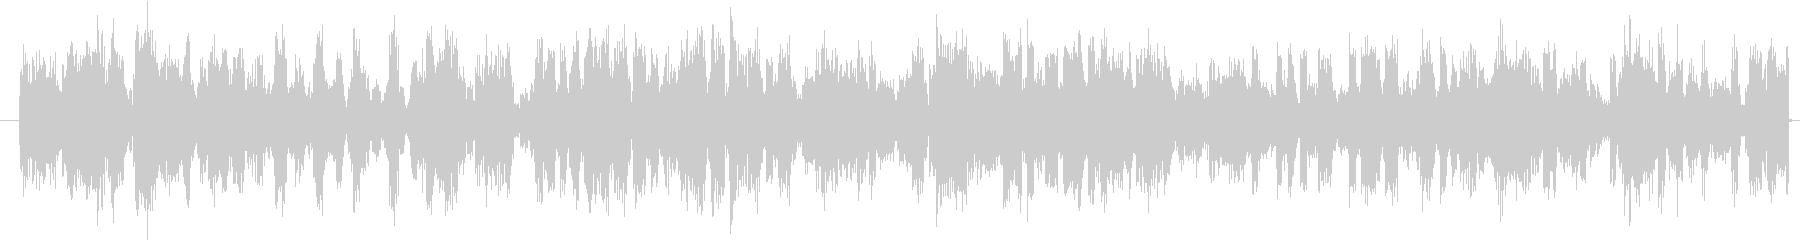 電撃のビリビリ音の未再生の波形